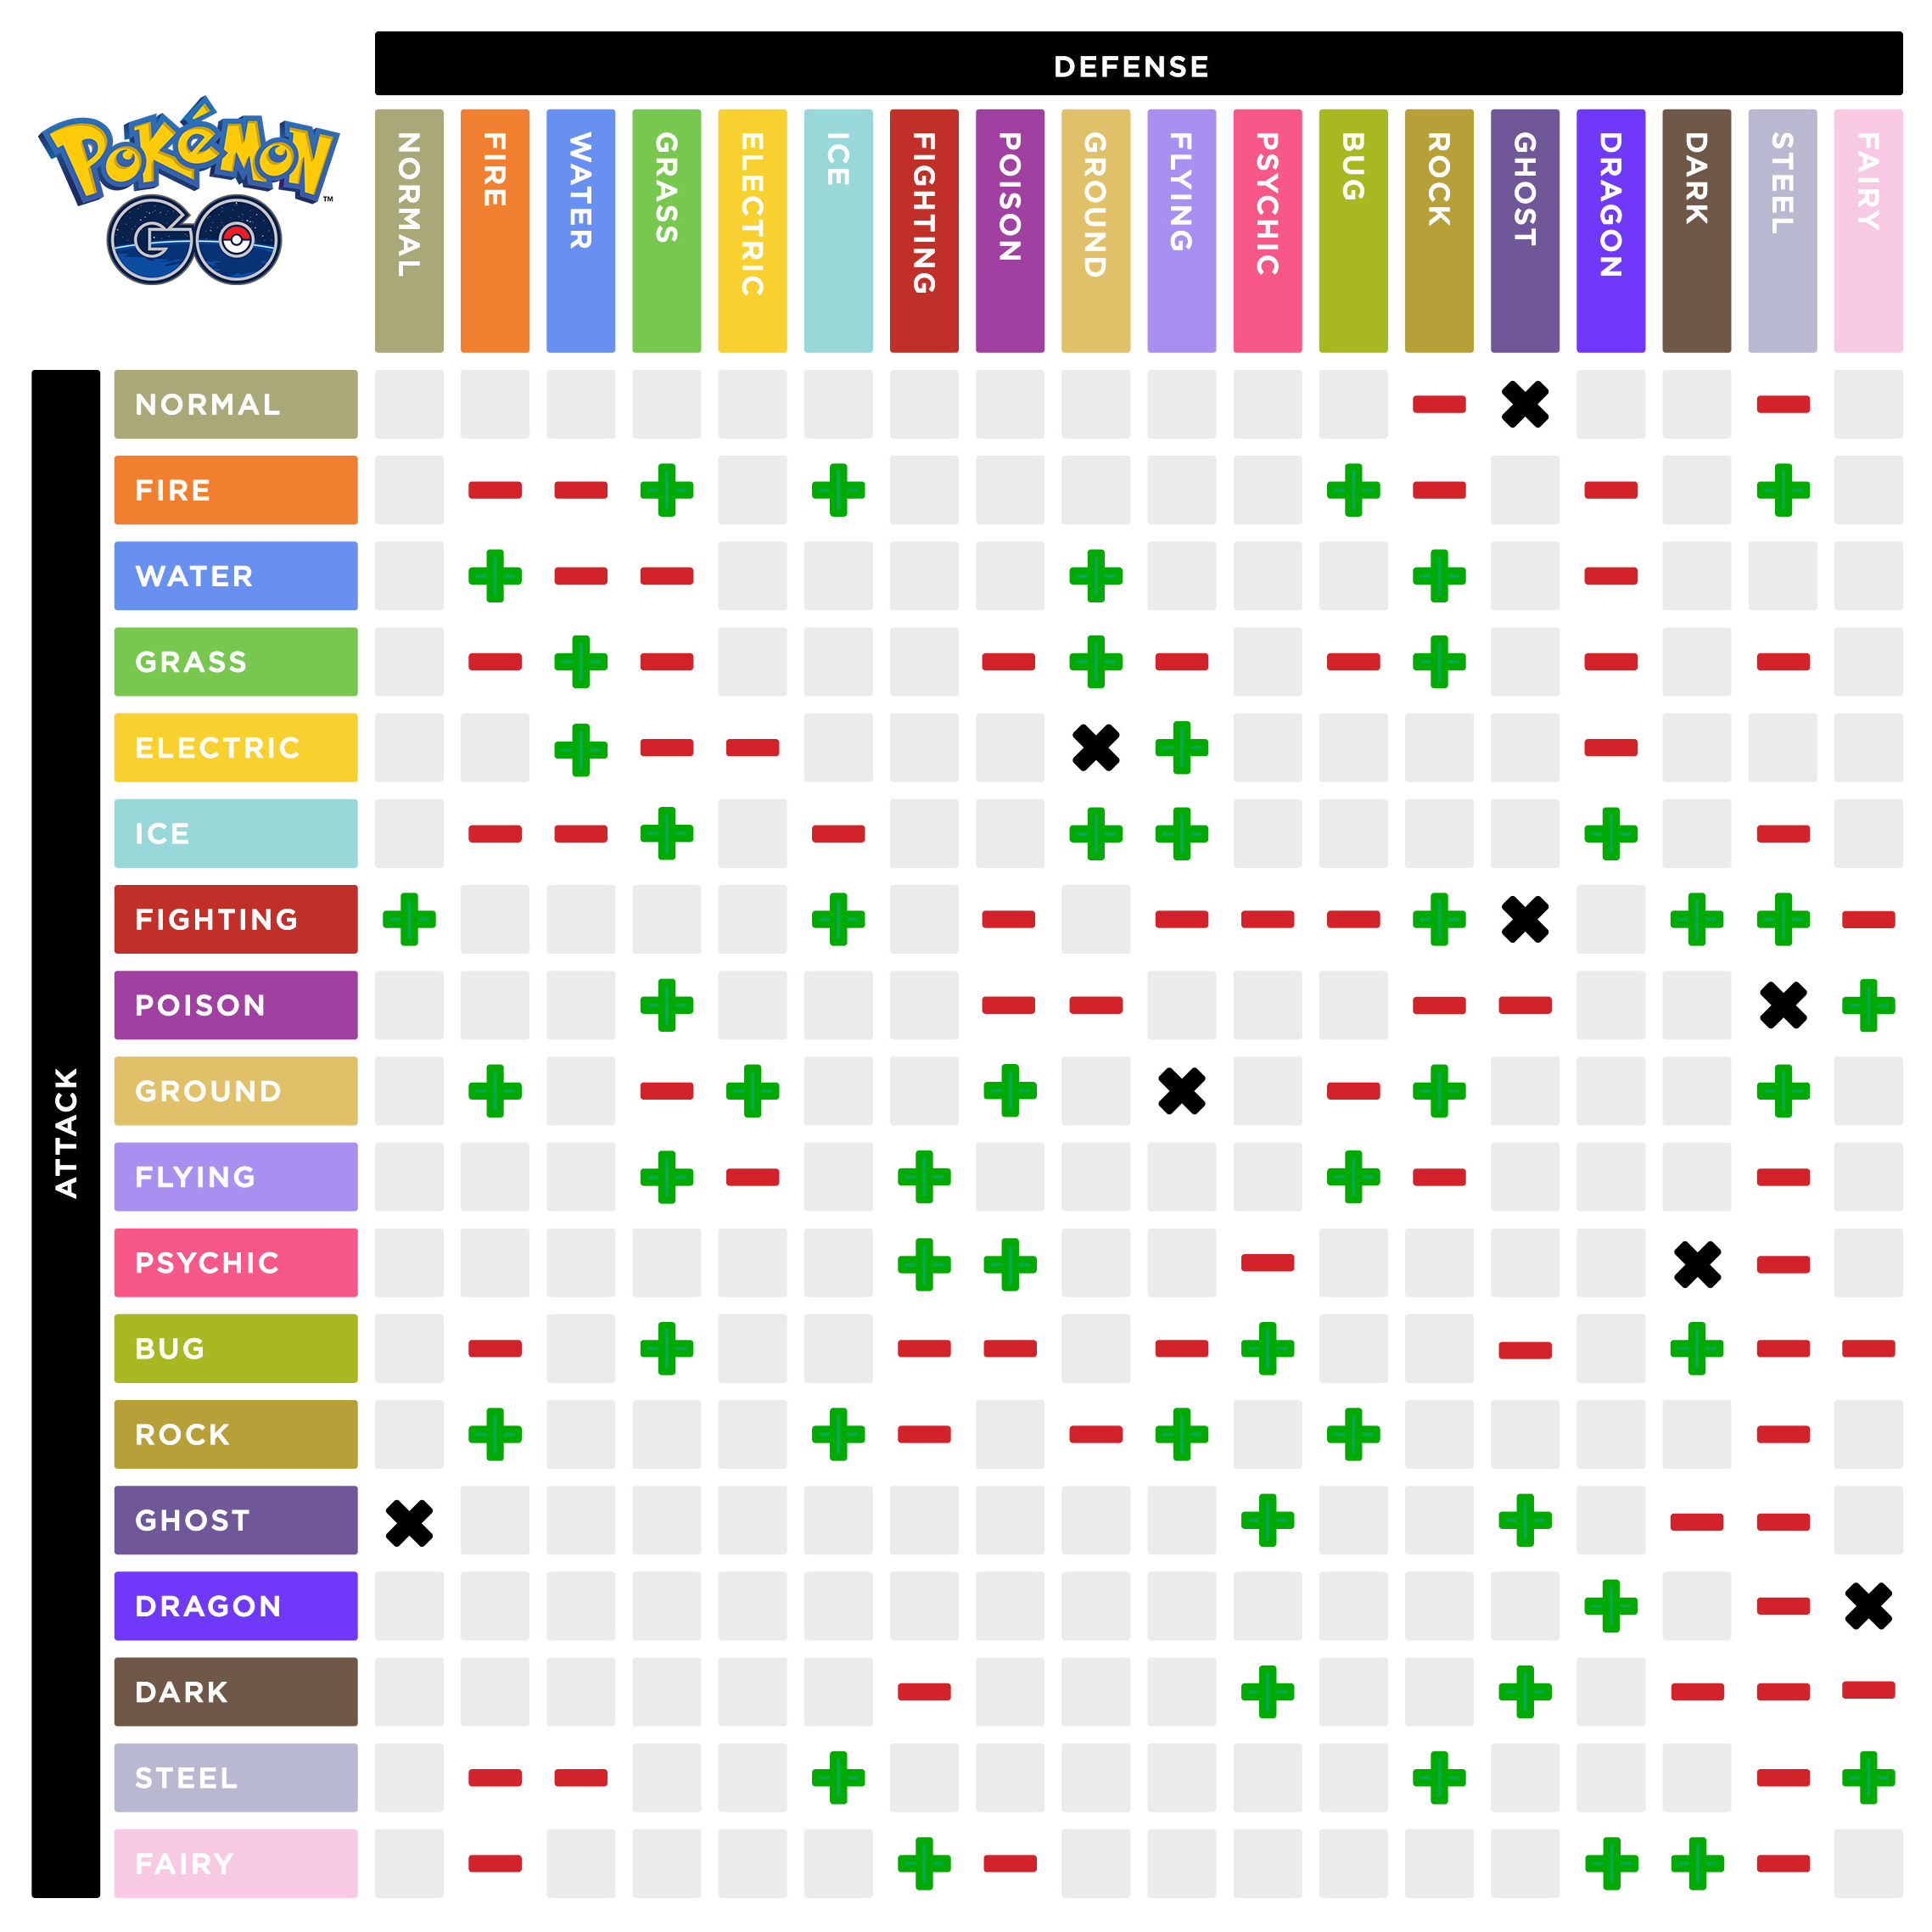 Pokémon Go: Ataque y defensa por tipo de pokemon